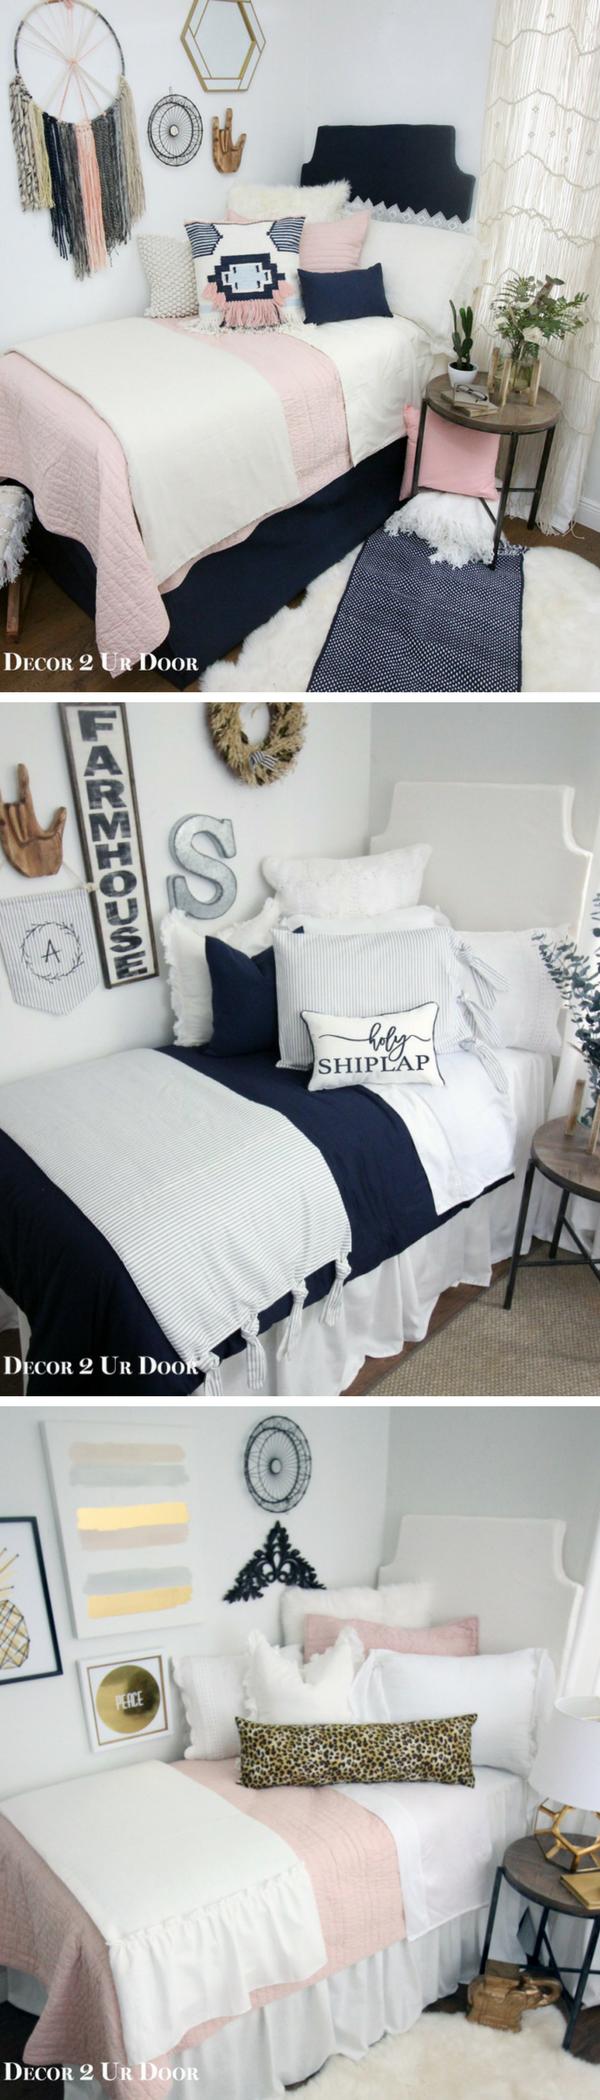 efedb4fdb719f56ede13a866394a95d1png Preppy Gray Dorm Room Bedding